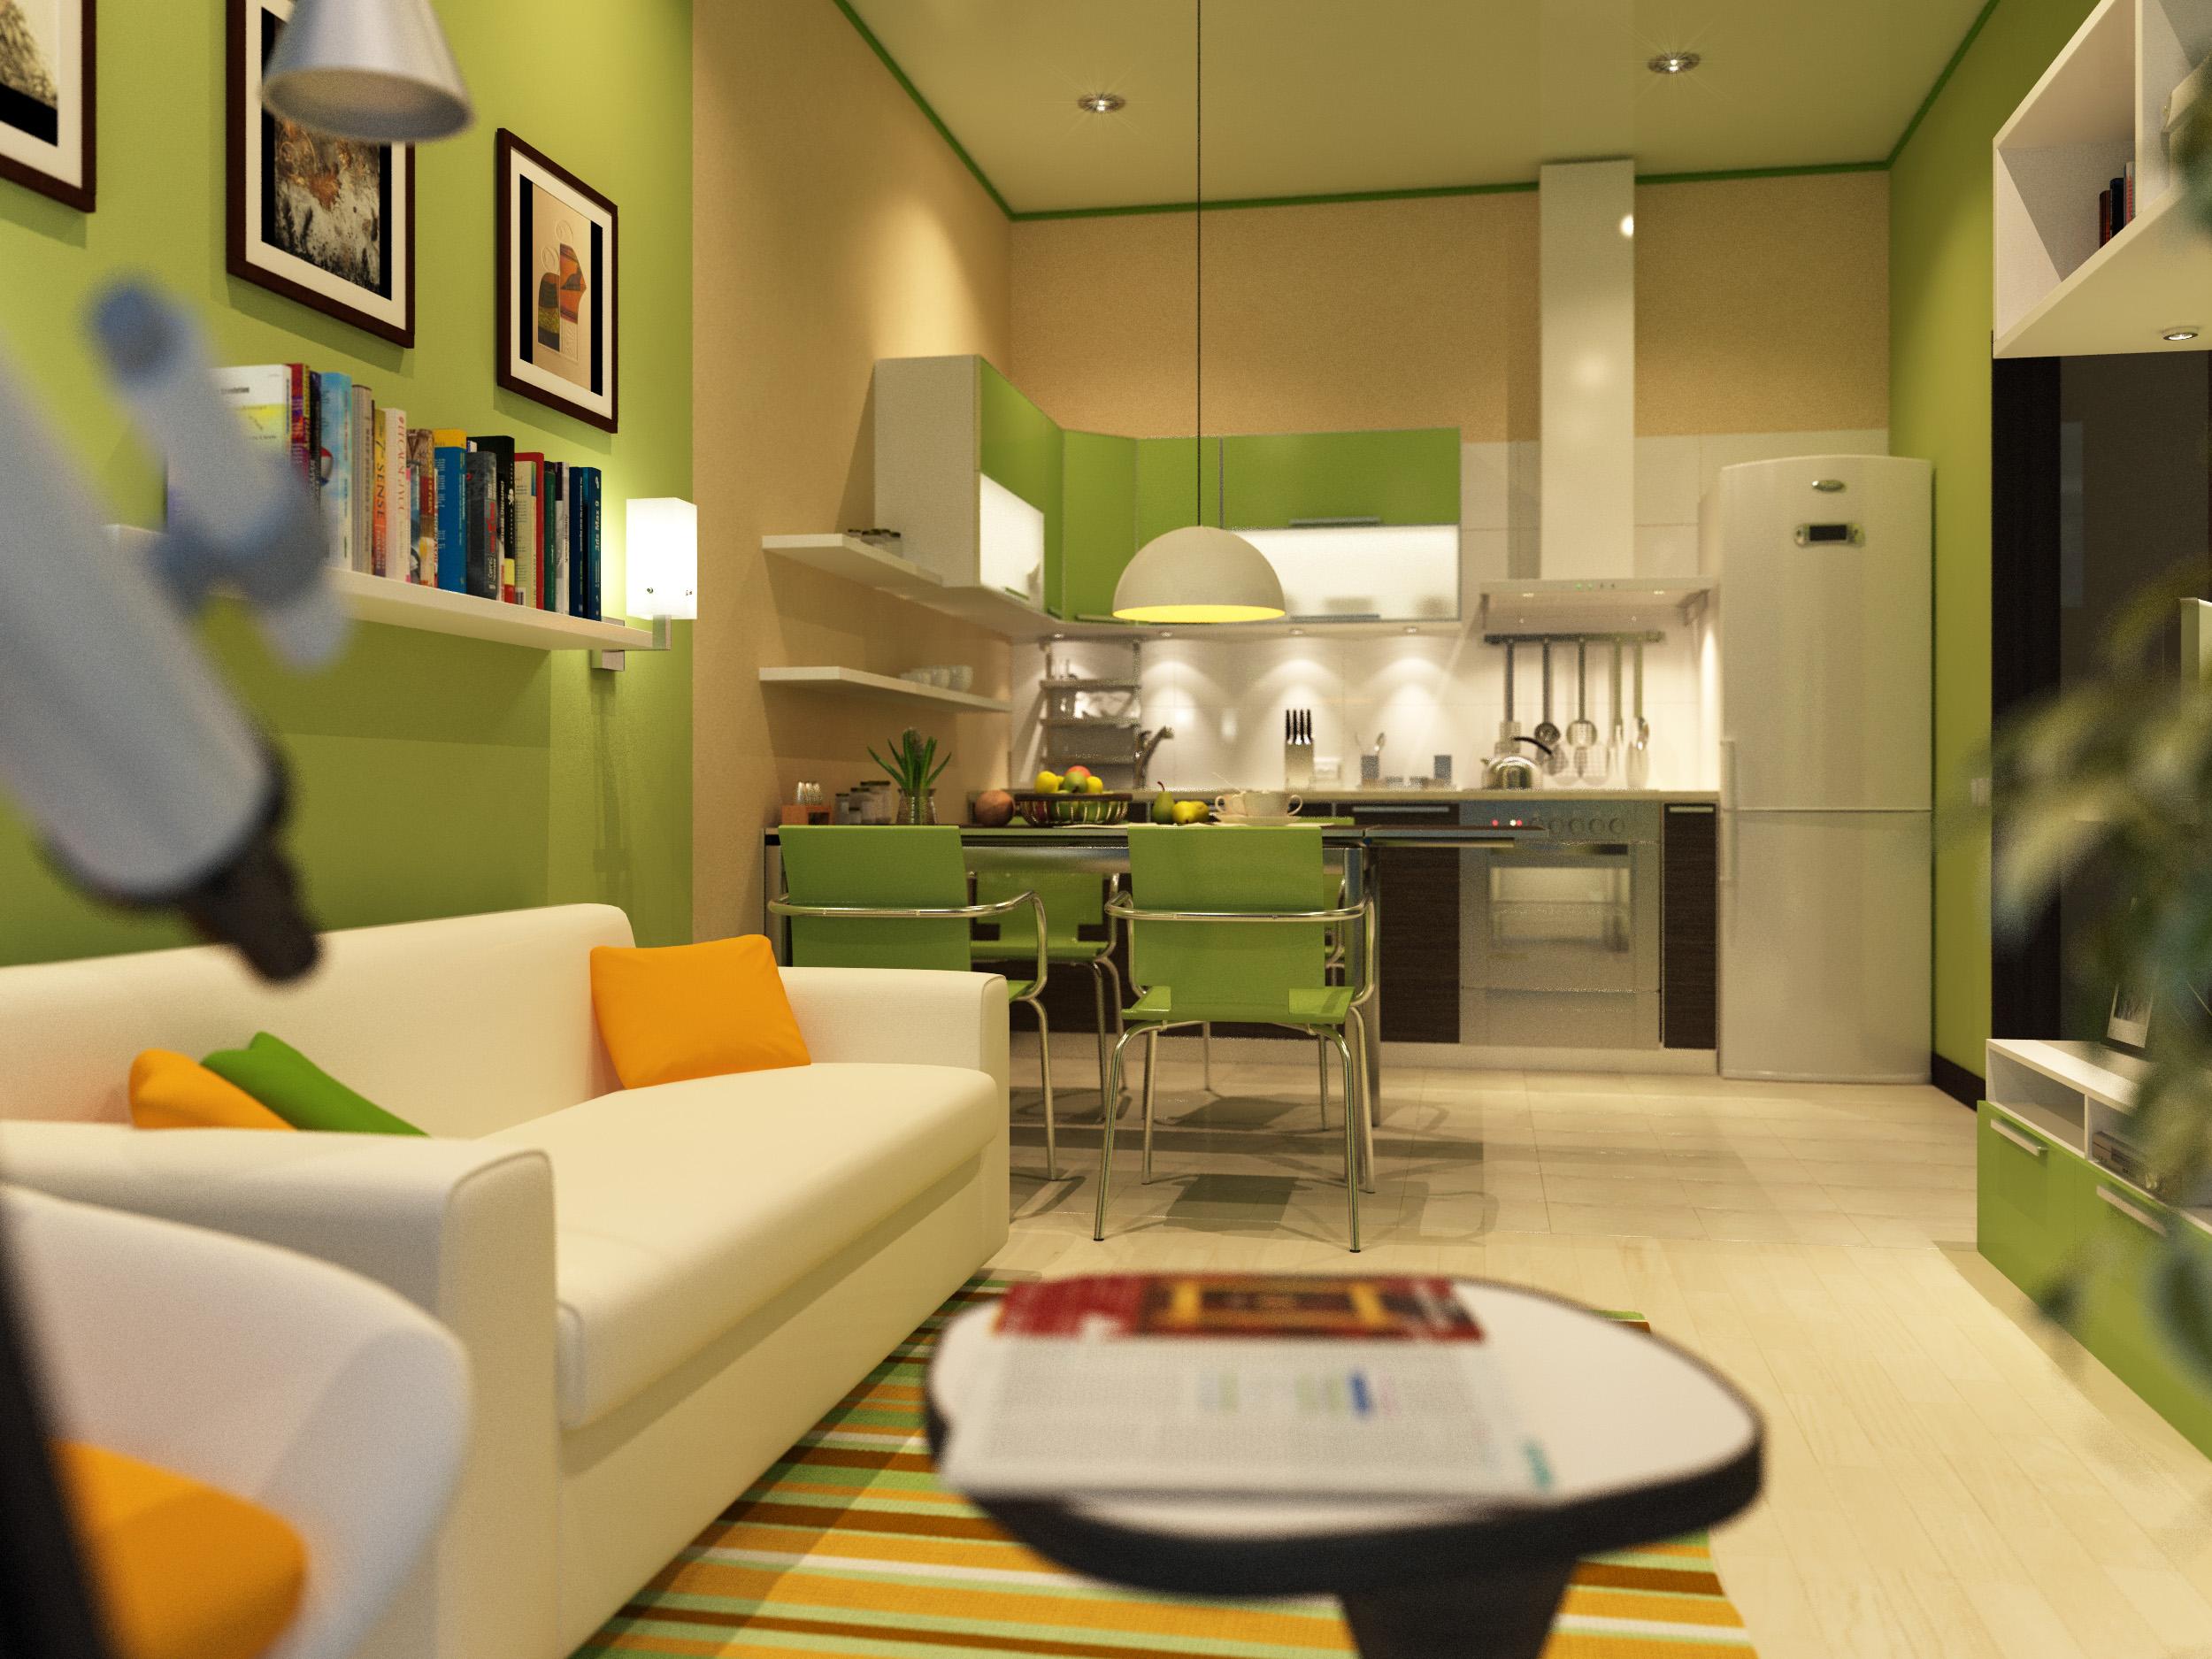 Зона отдыха на кухне дизайн